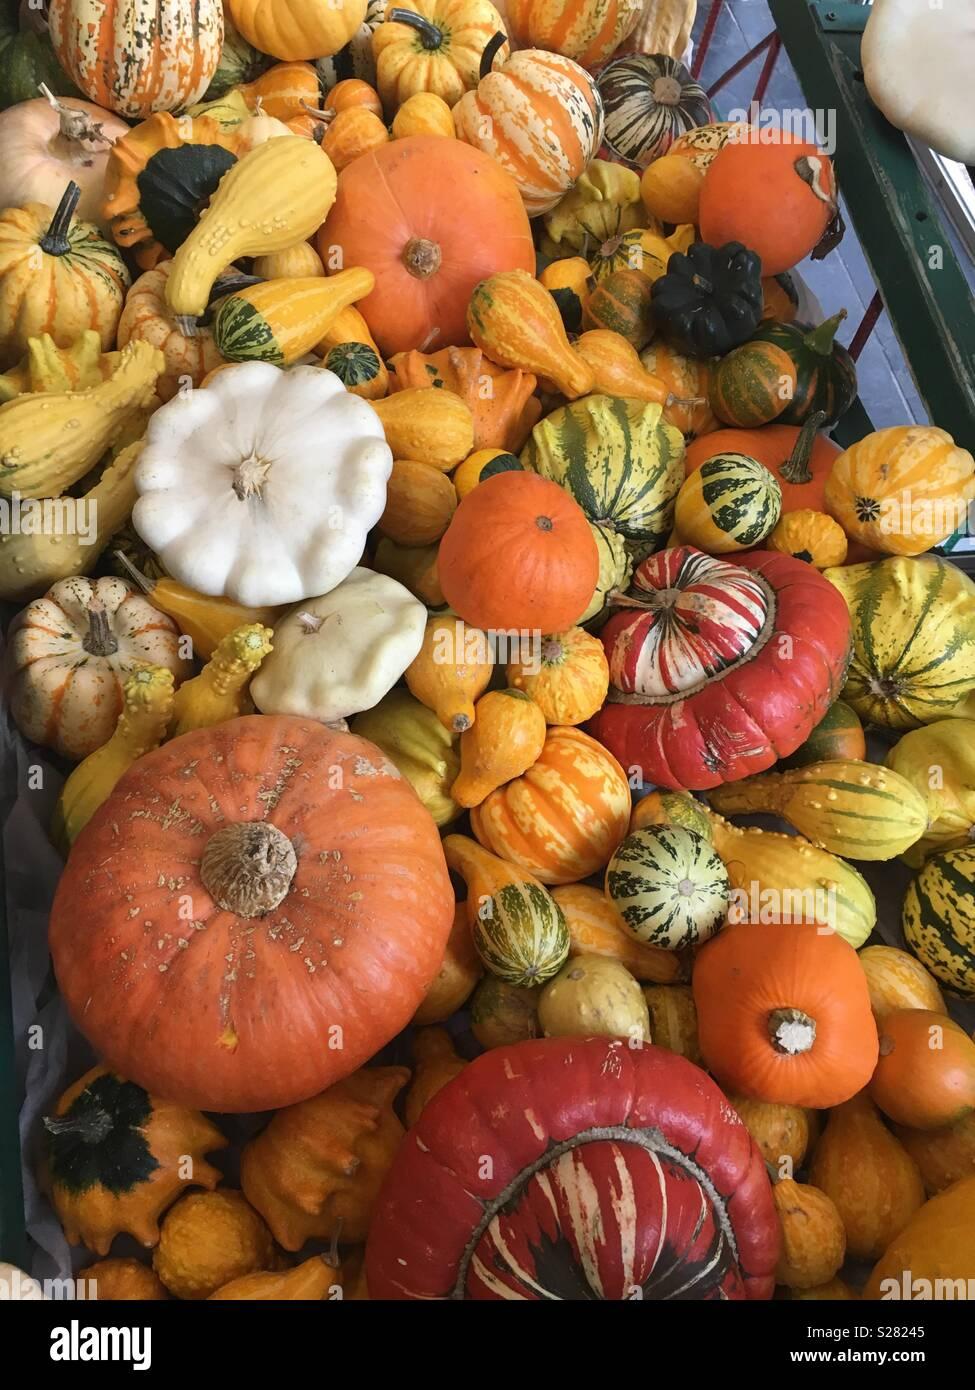 Cart of pumpkins - Stock Image